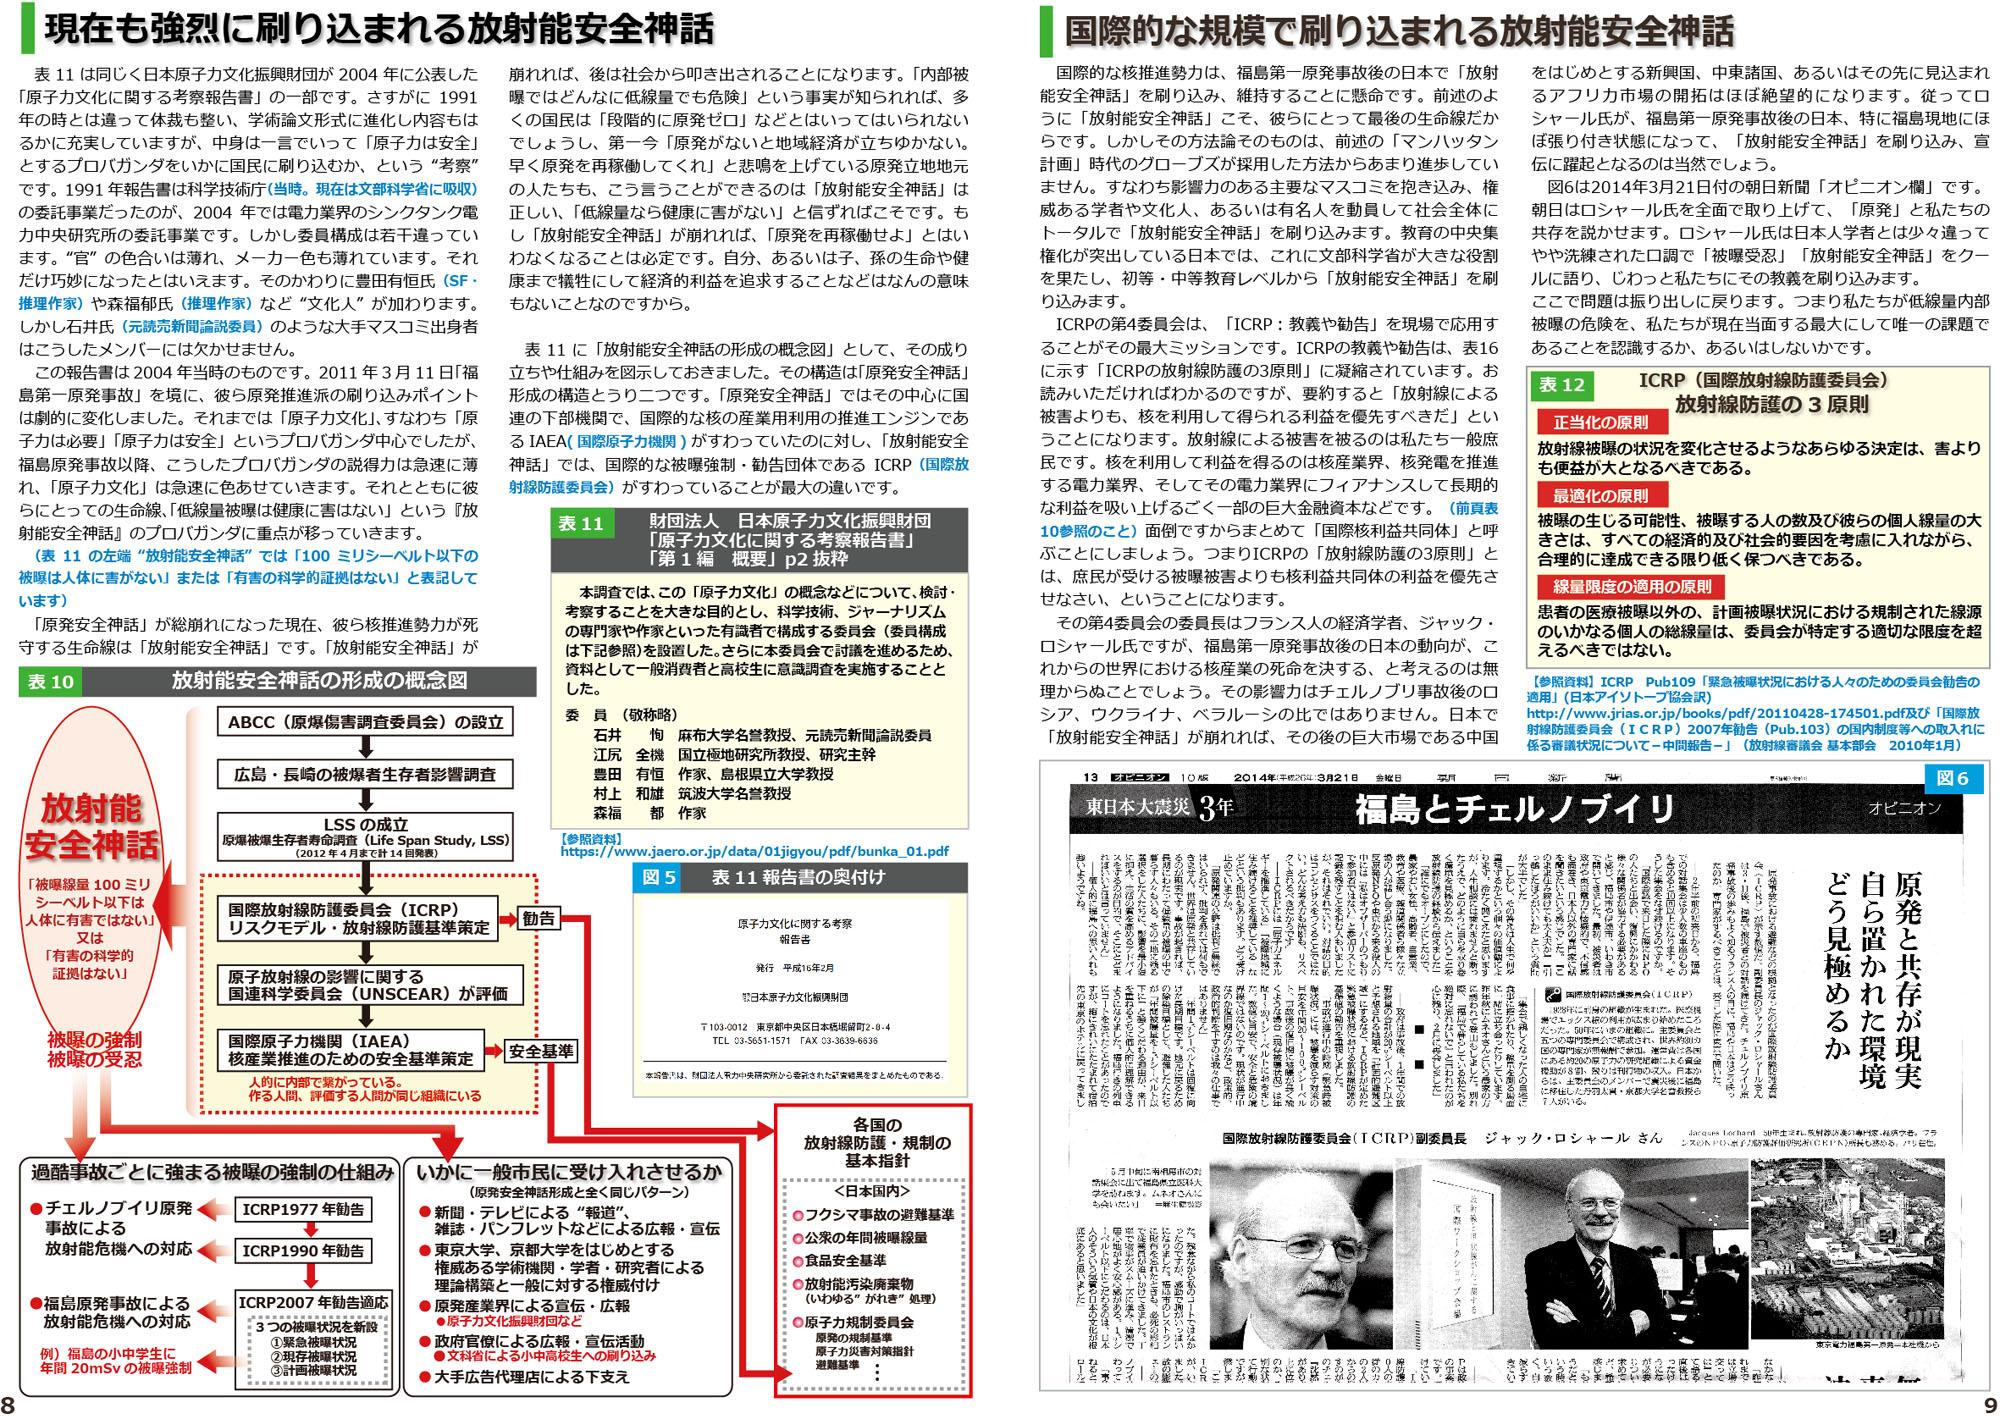 ファイル 281-5.jpg